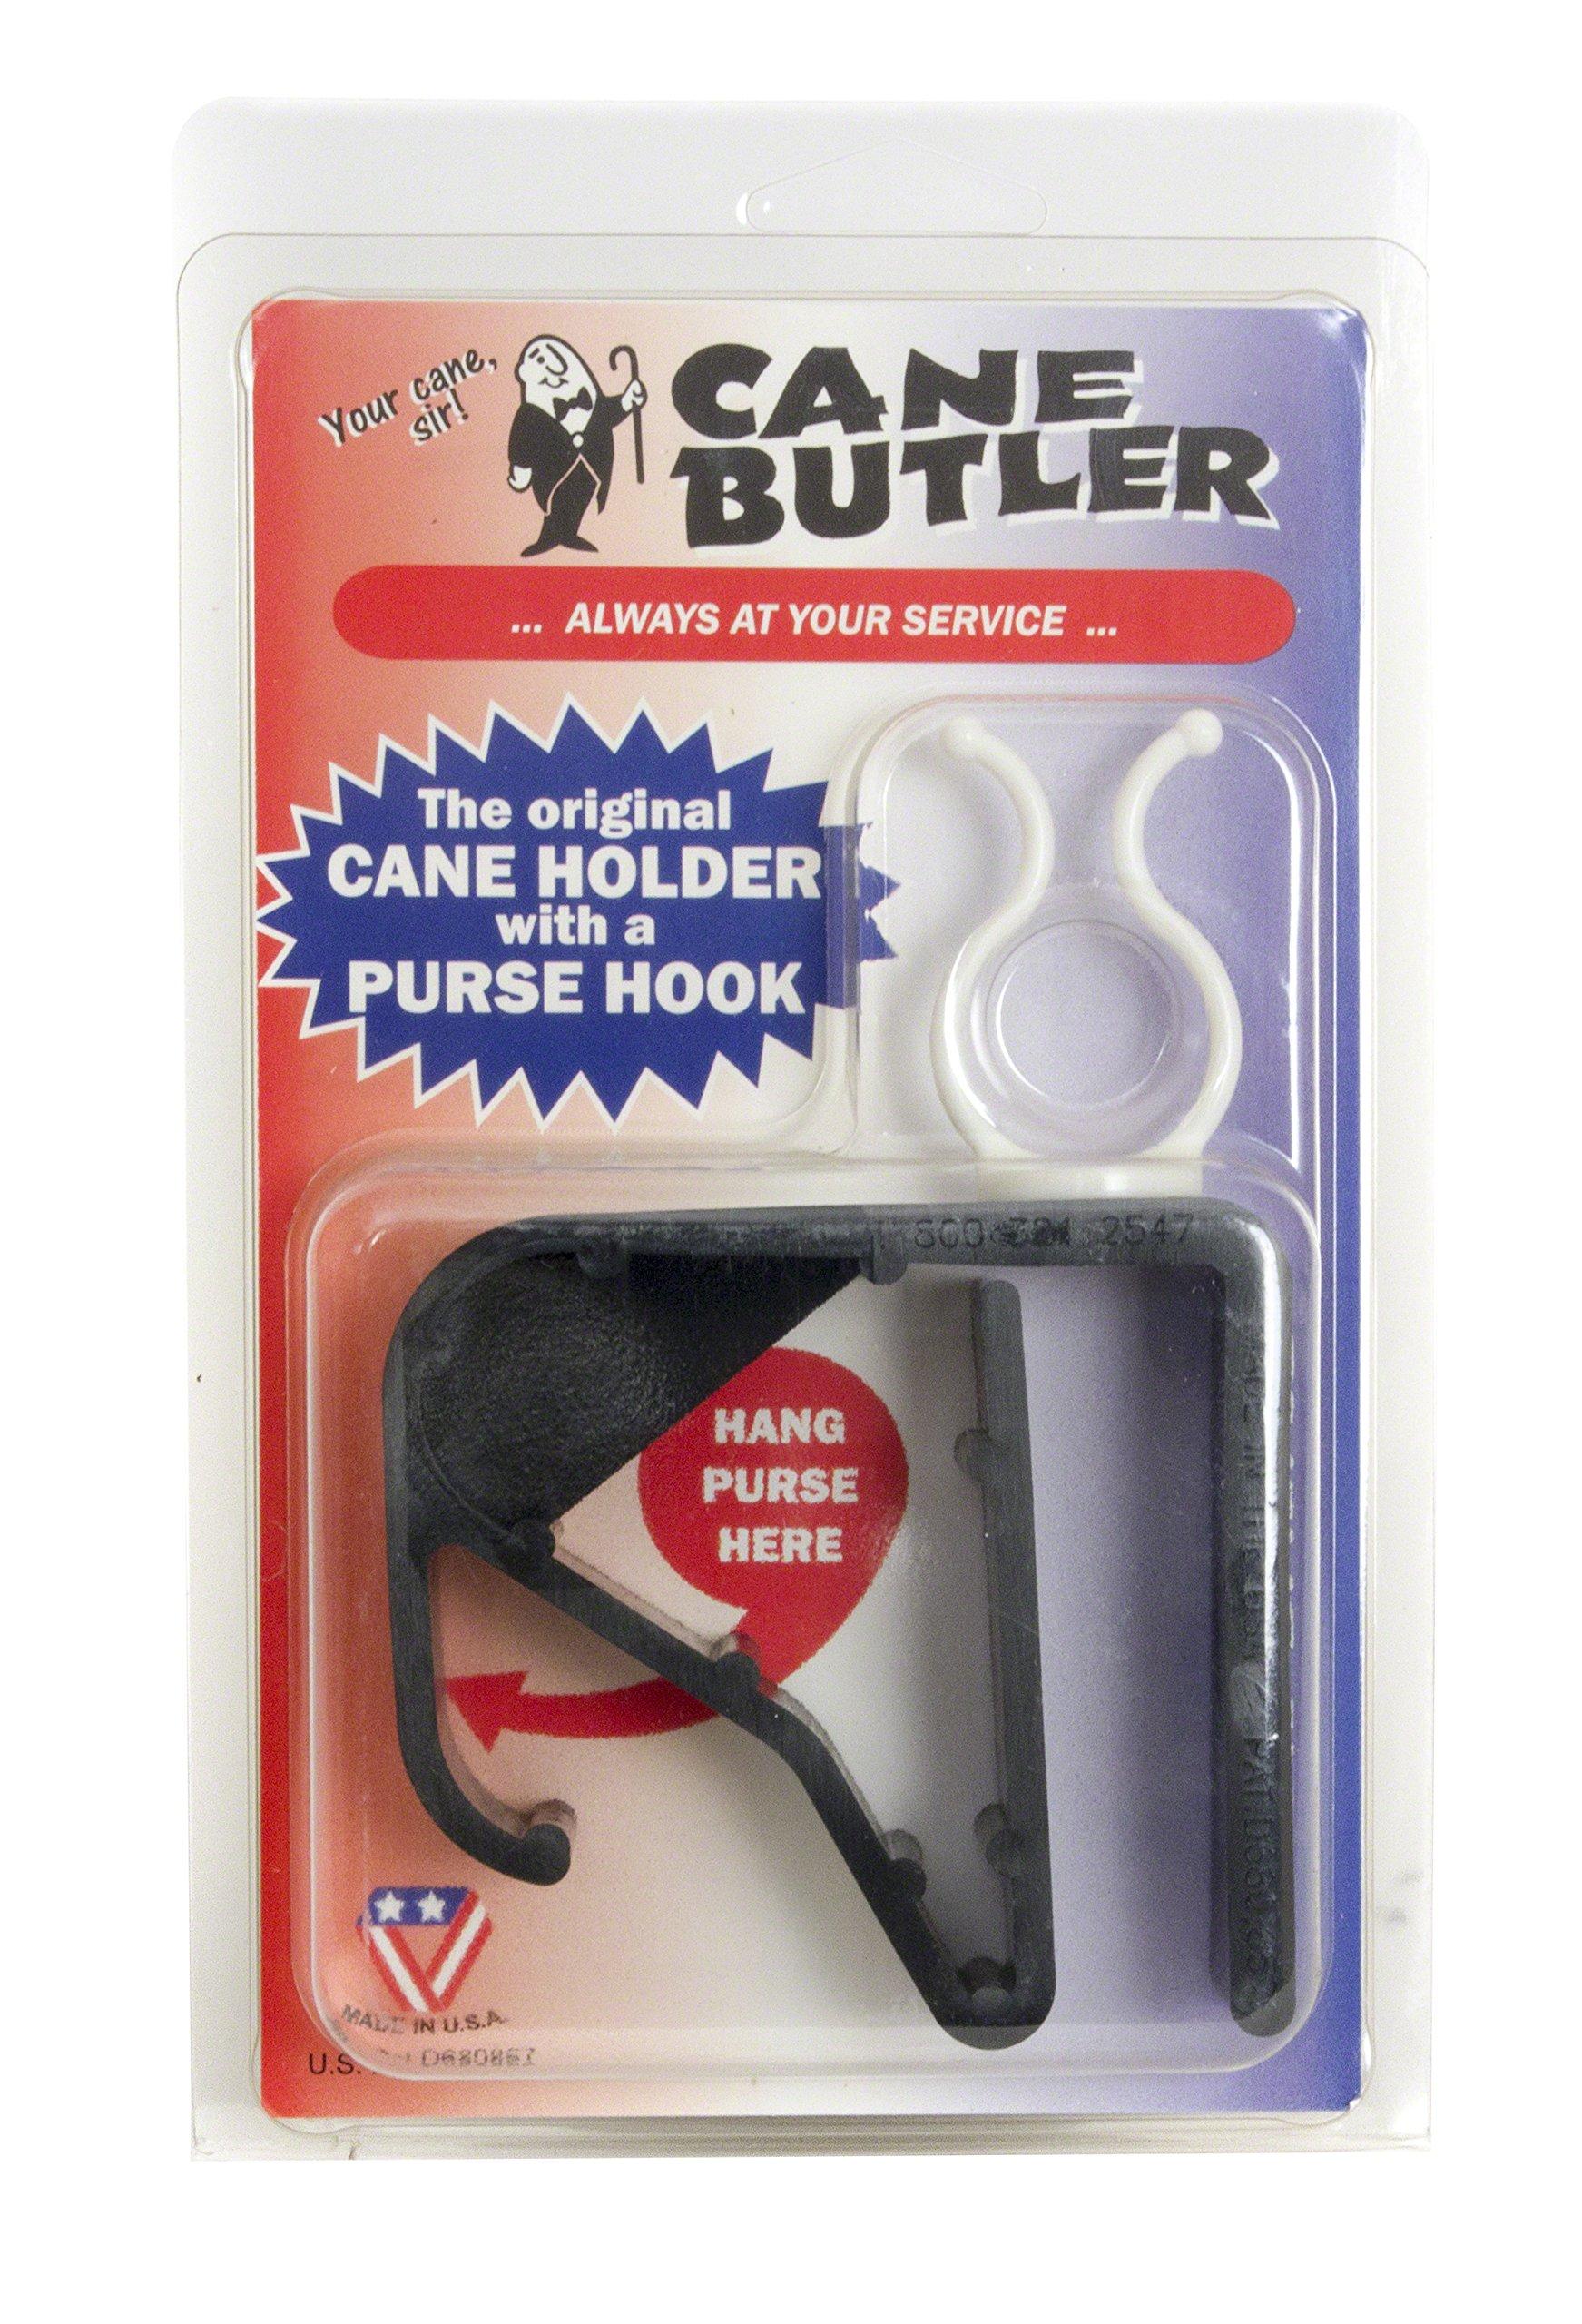 Cane Butler Original Cane Holder with Purse Hook